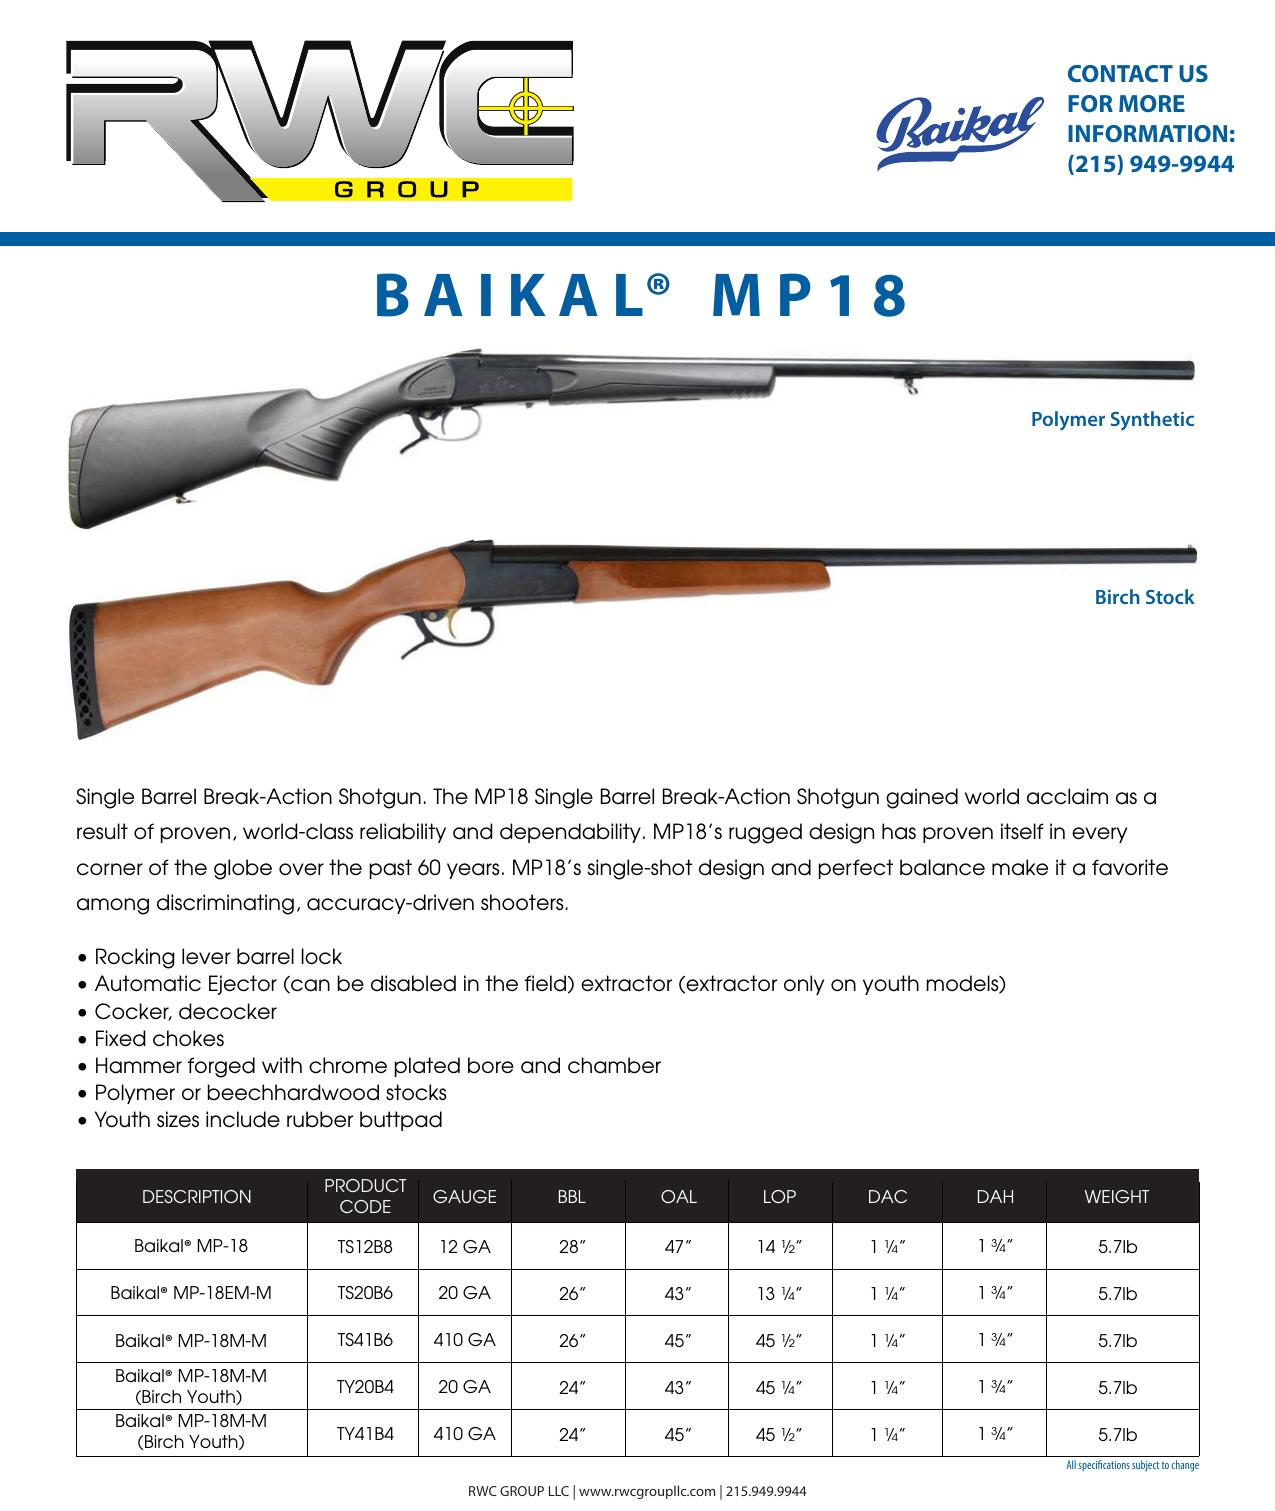 baikal® mp - Kalashnikov USA | manualzz com